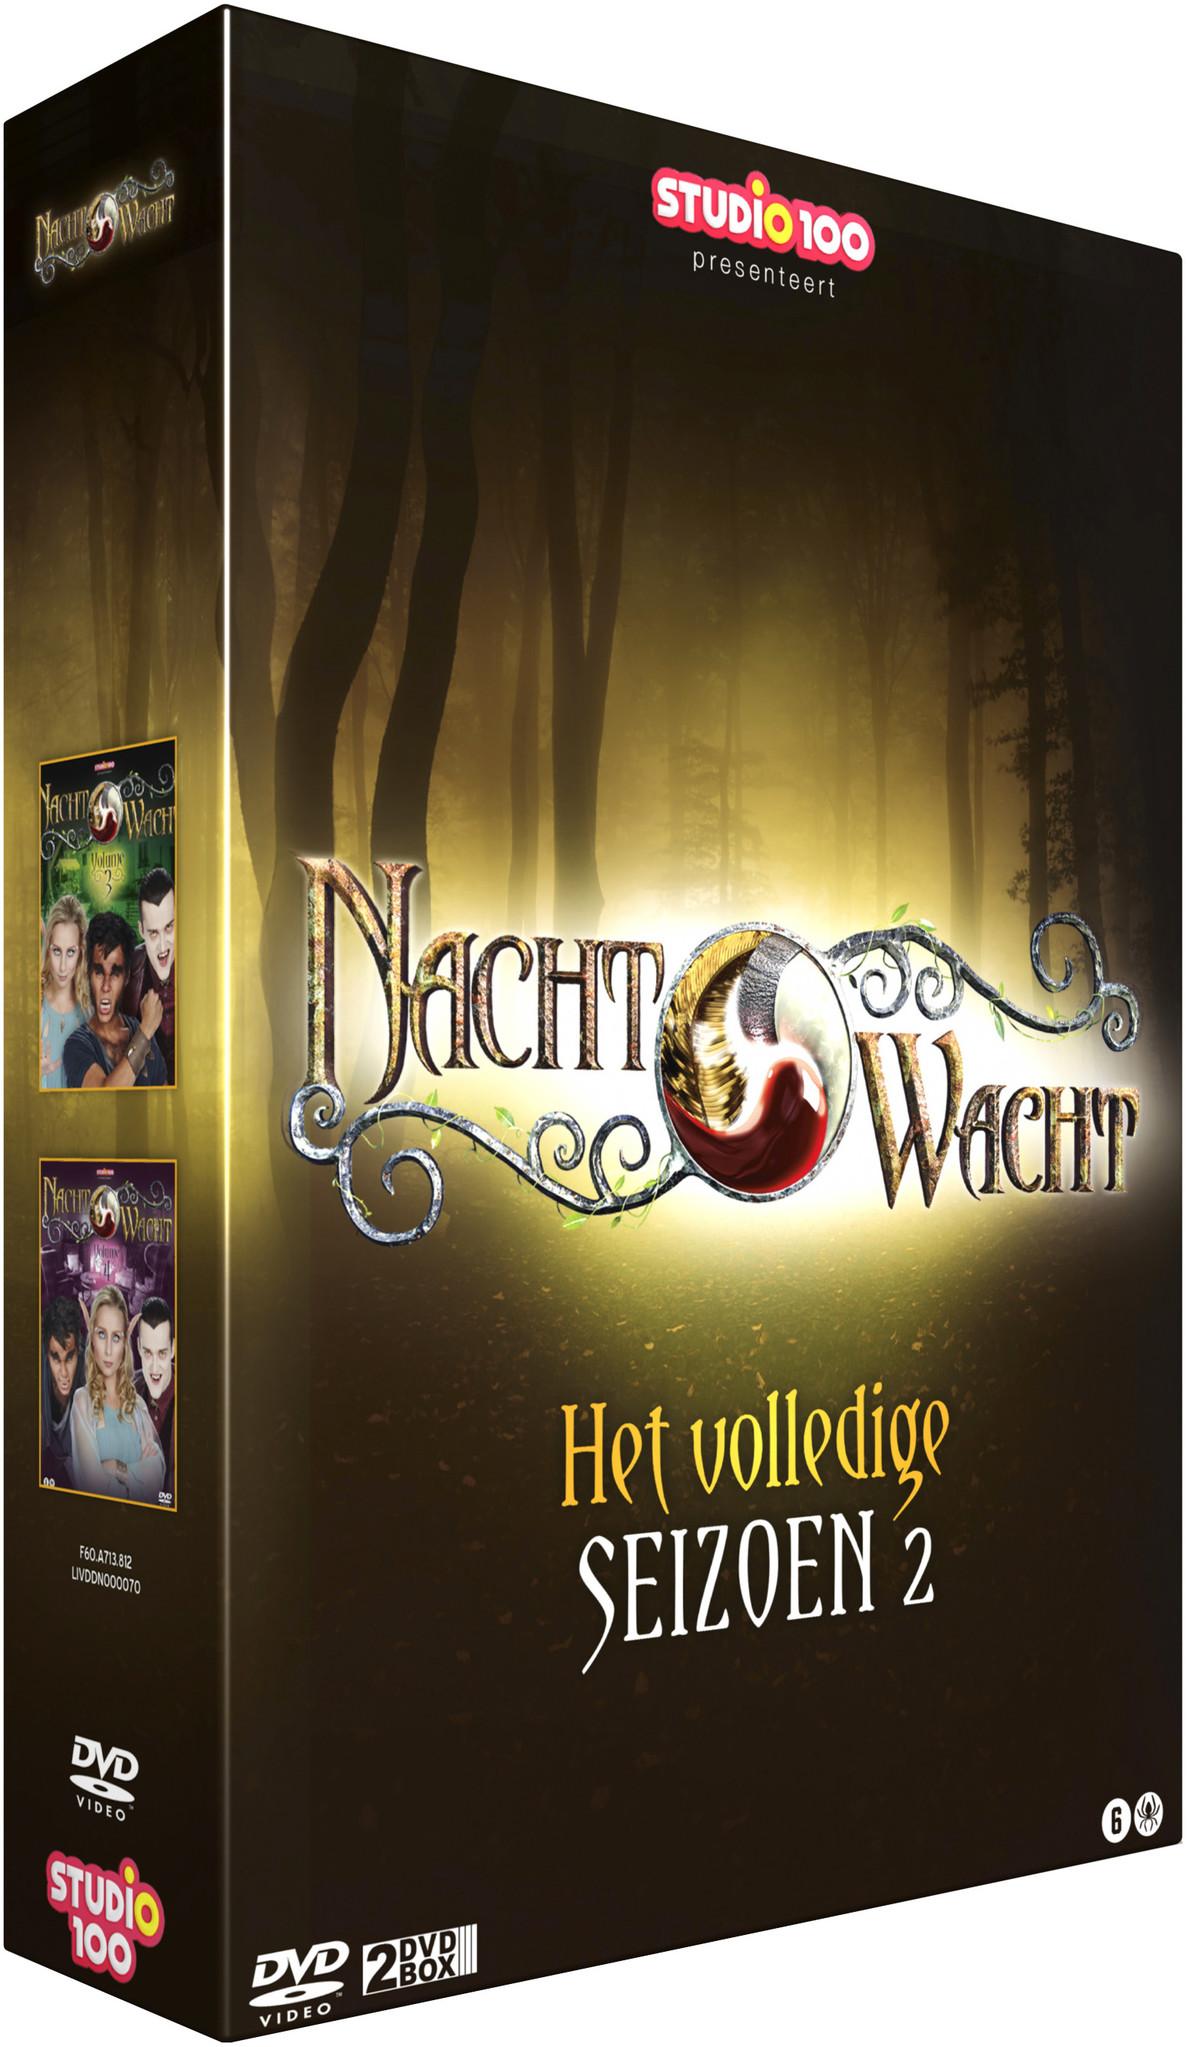 Nachtwacht DVD box - Seizoen 2